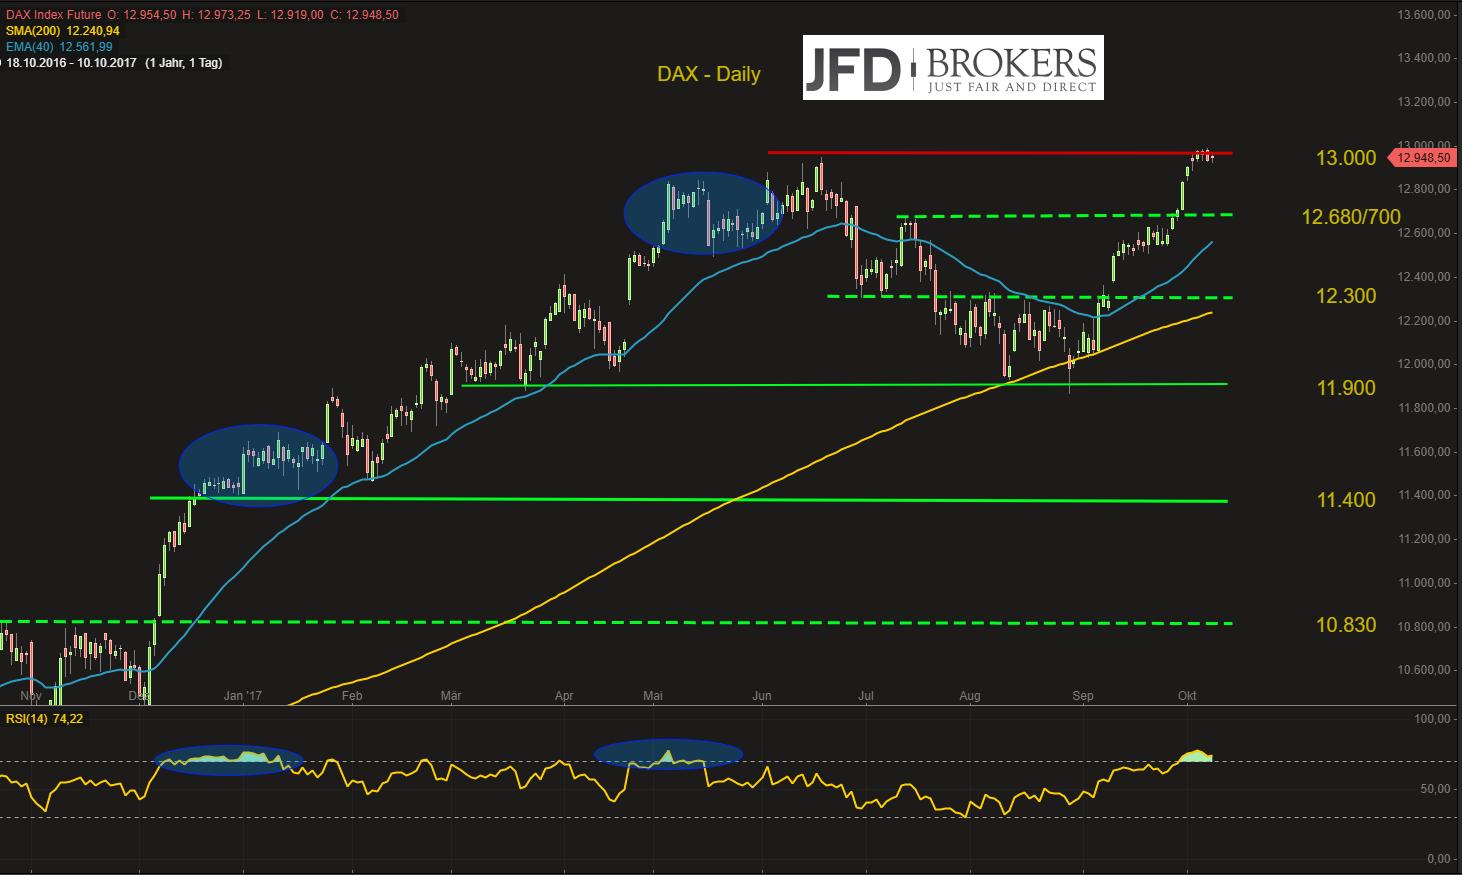 DAX-Sprung-über-die-13-000-lässt-auf-sich-warten-Lethargie-hält-an-Kommentar-JFD-Brokers-GodmodeTrader.de-2